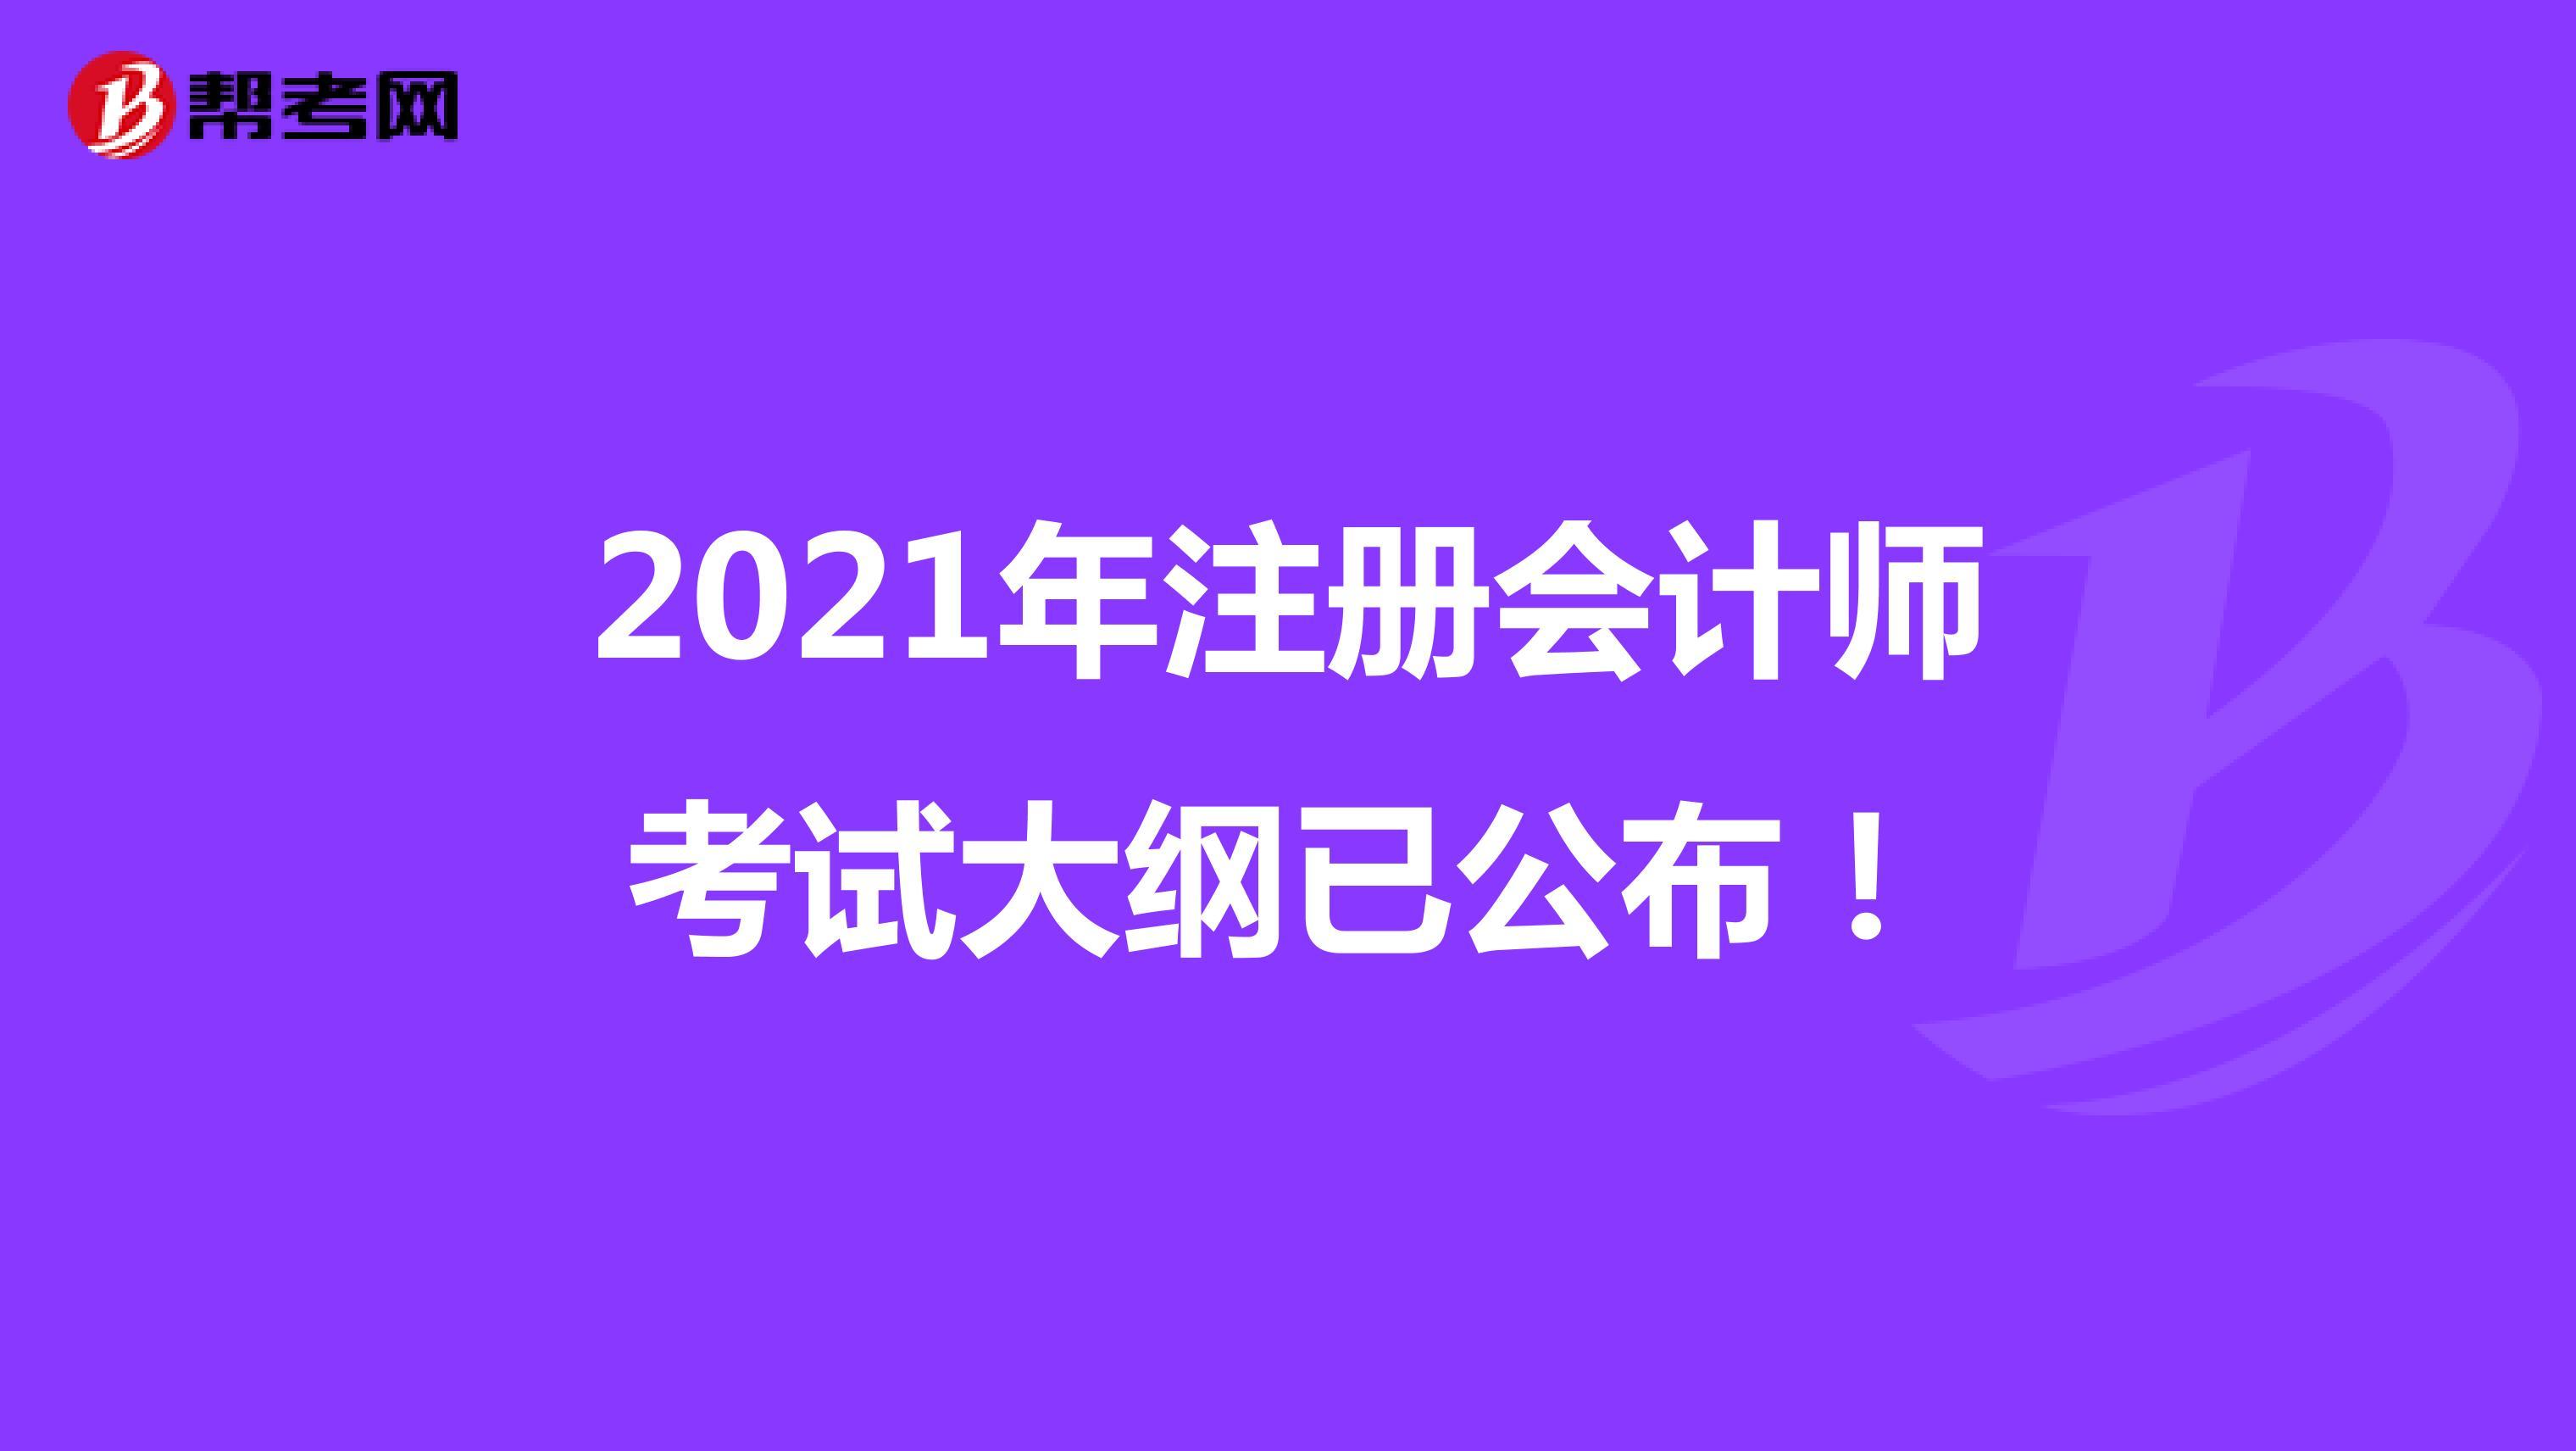 2021年【hot88热竞技提款】注册会计师考试大纲已公布!